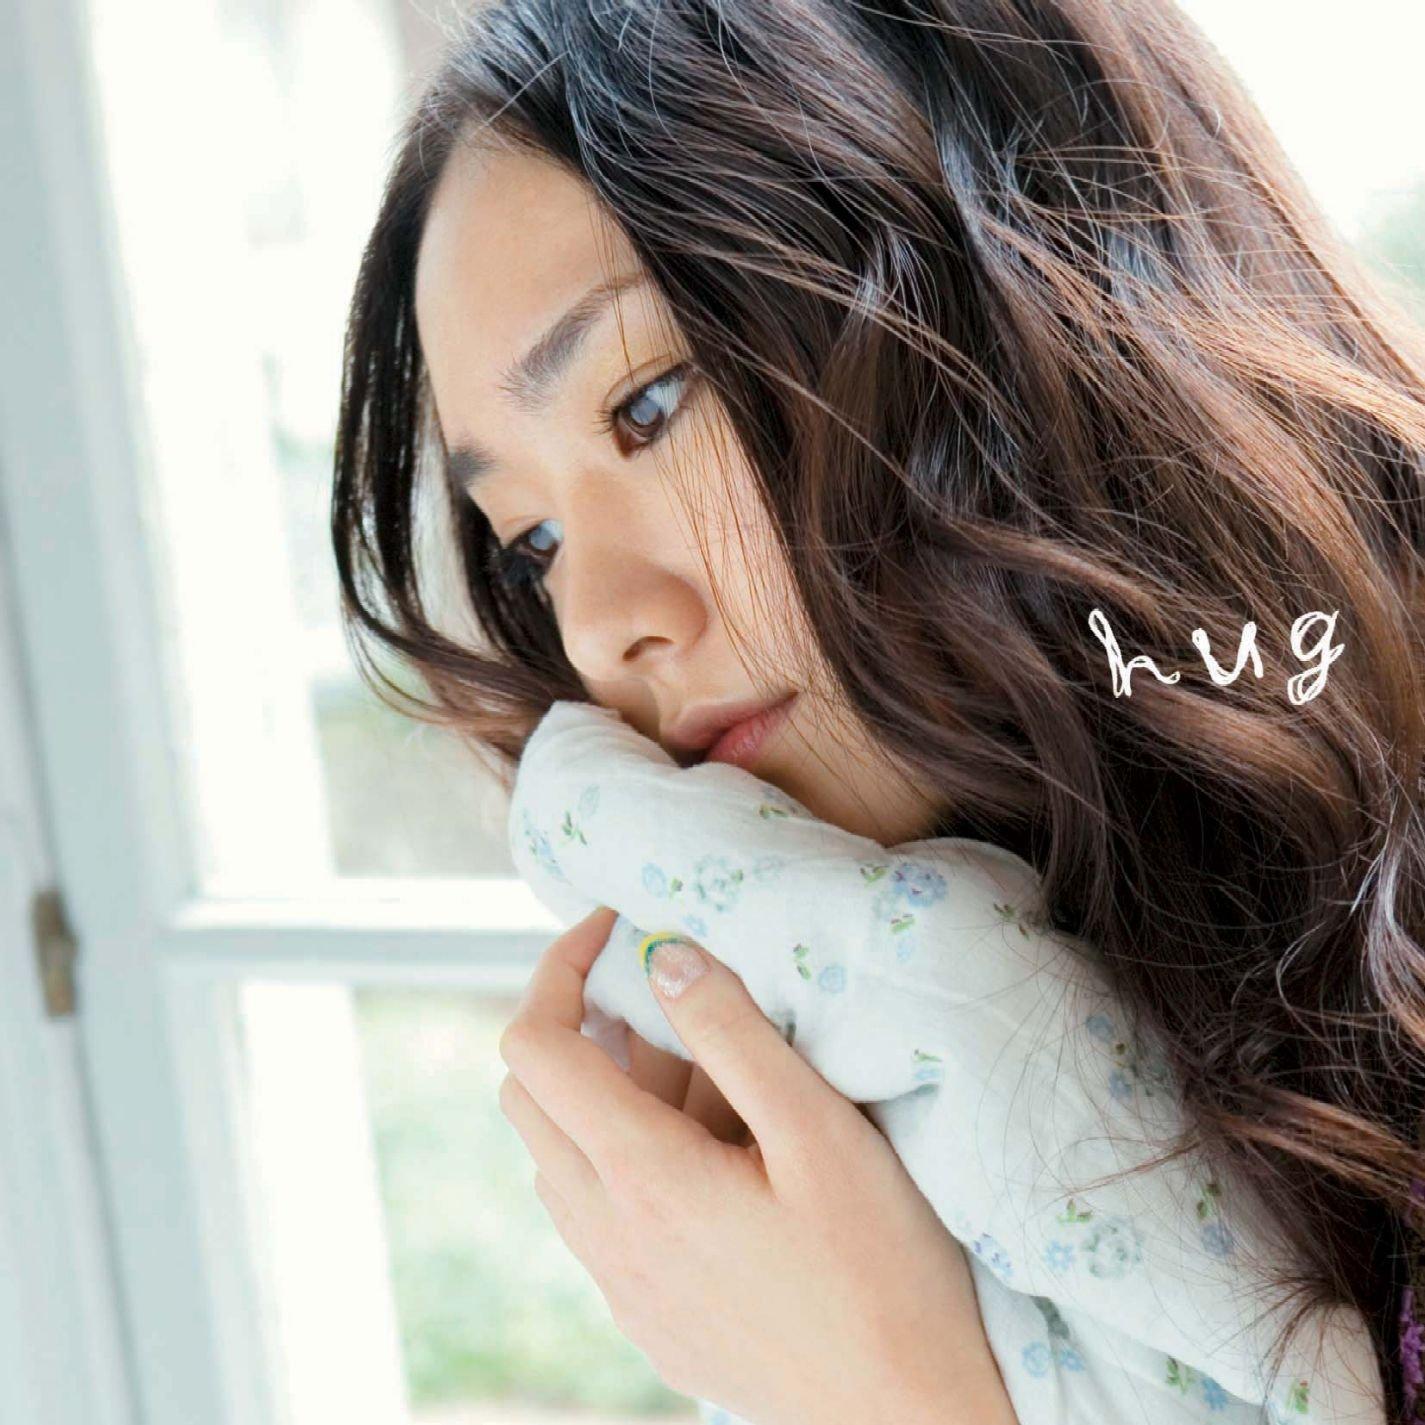 新垣結衣 Ipad壁紙 Hug 女性タレント スマホ用画像85246